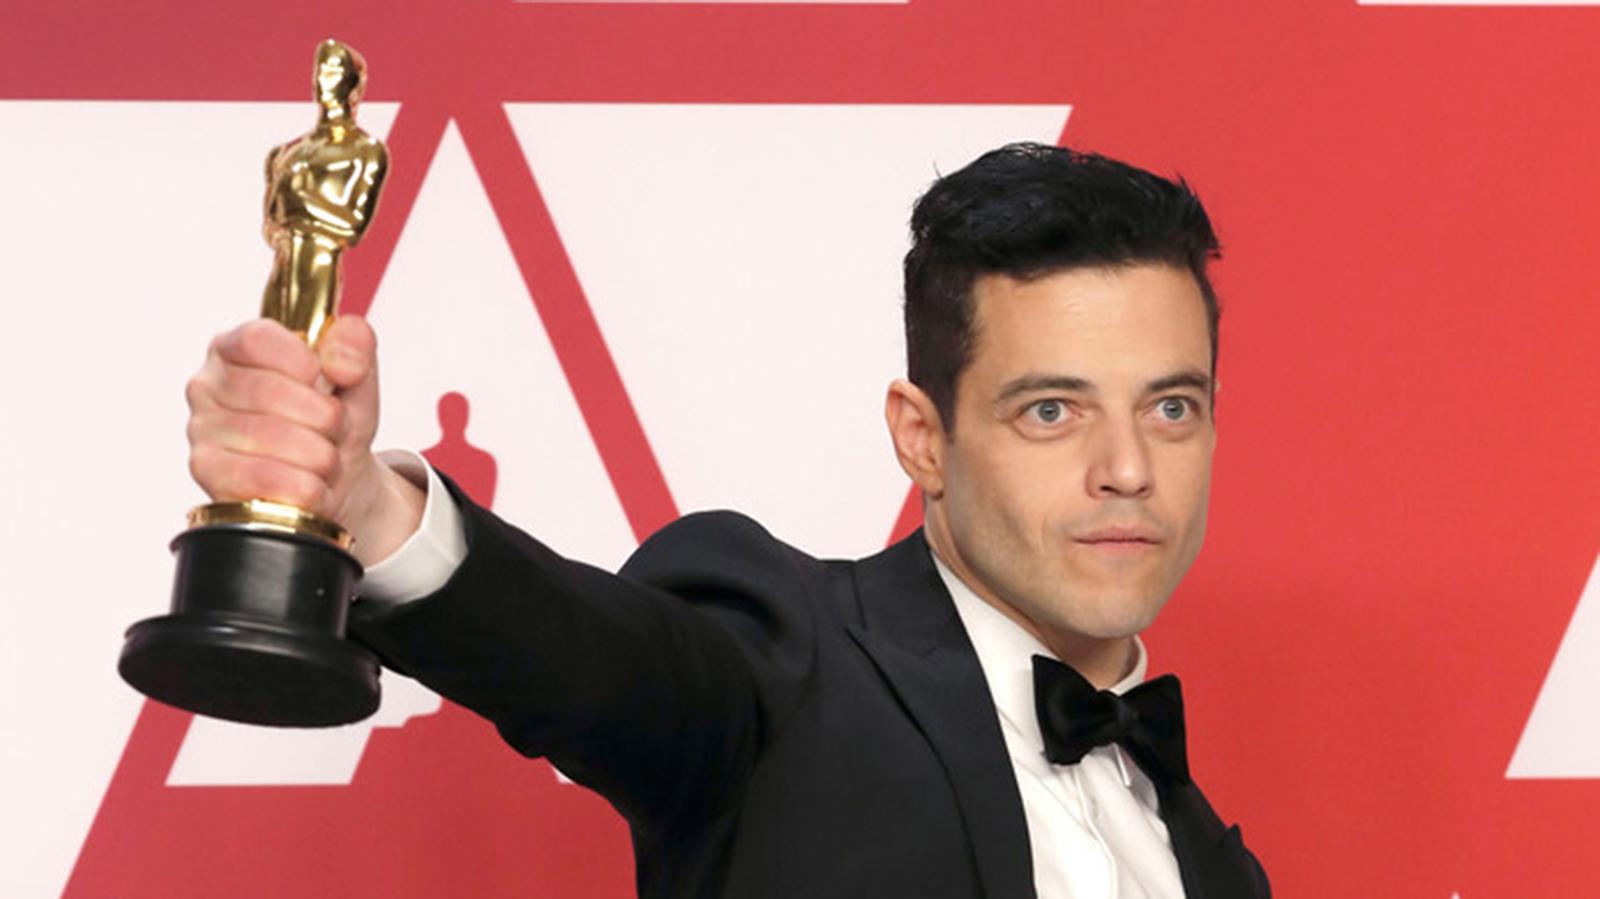 Verrassende winnaars bij Oscar uitreiking